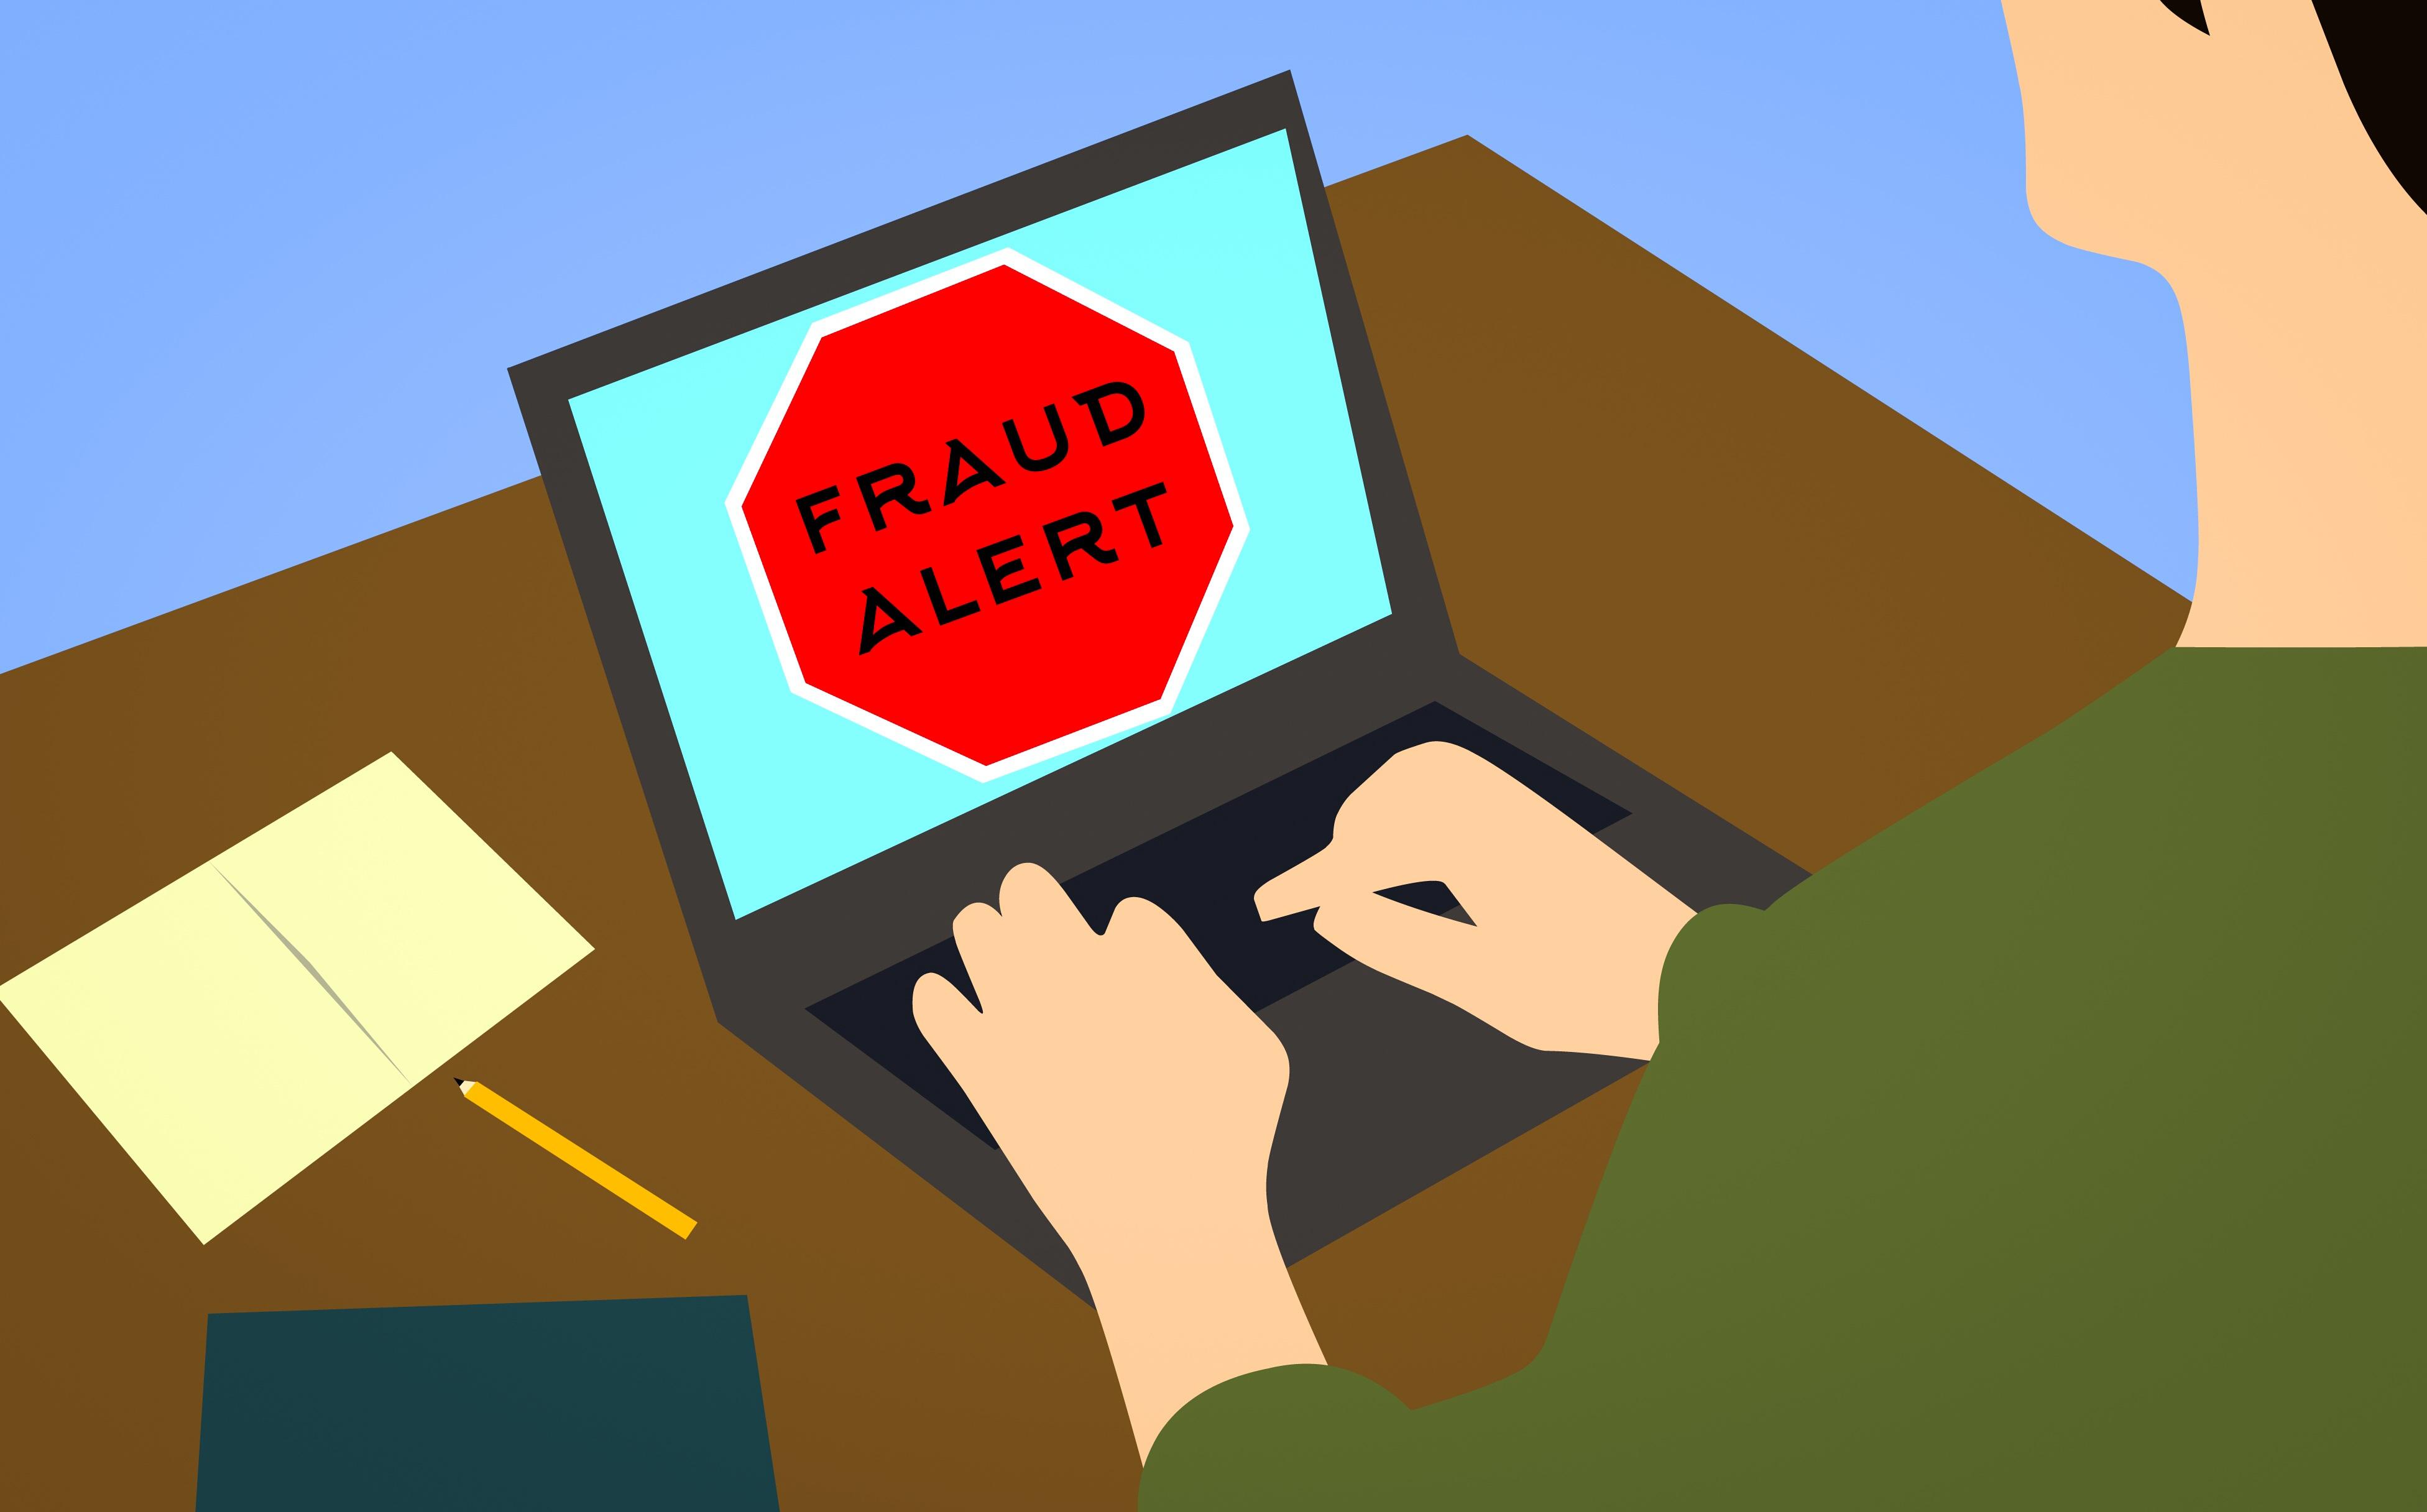 8504981002 ATT Unauthorized Transaction Call Scam